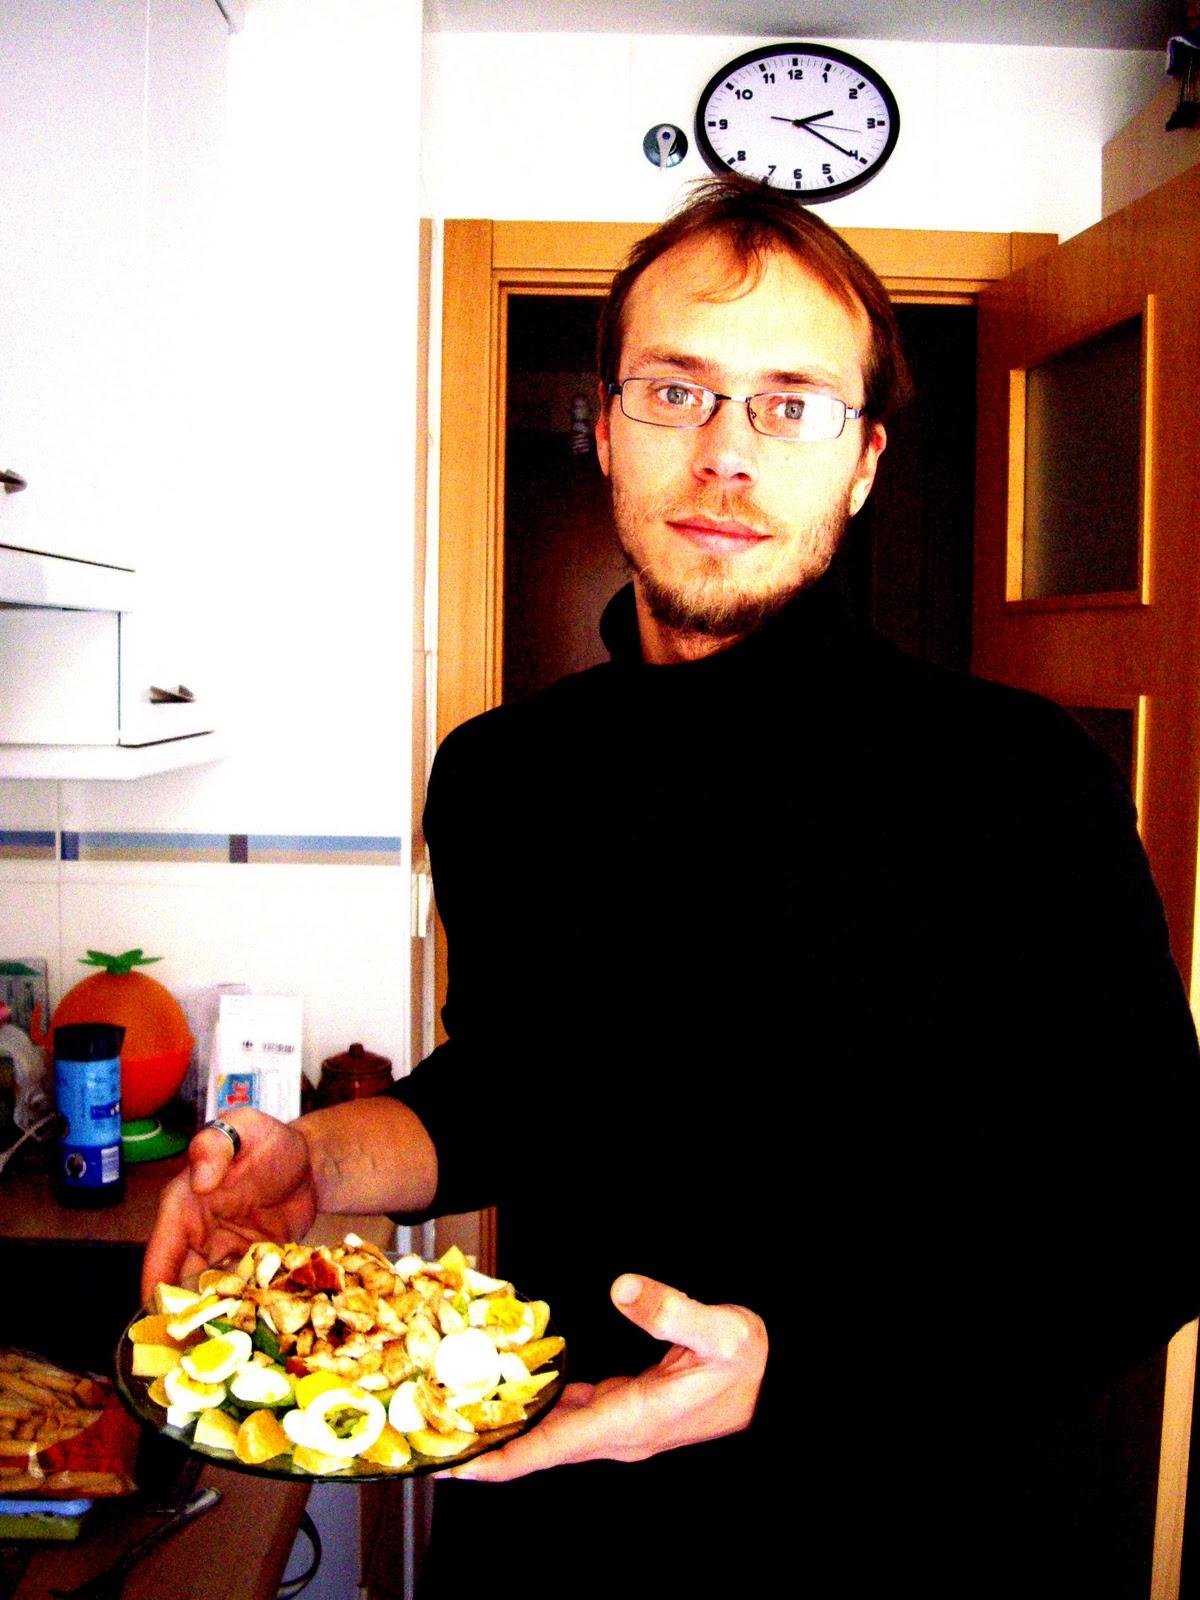 El duendecillo de mi cocina mil visitas for Haciendo el amor en la cocina